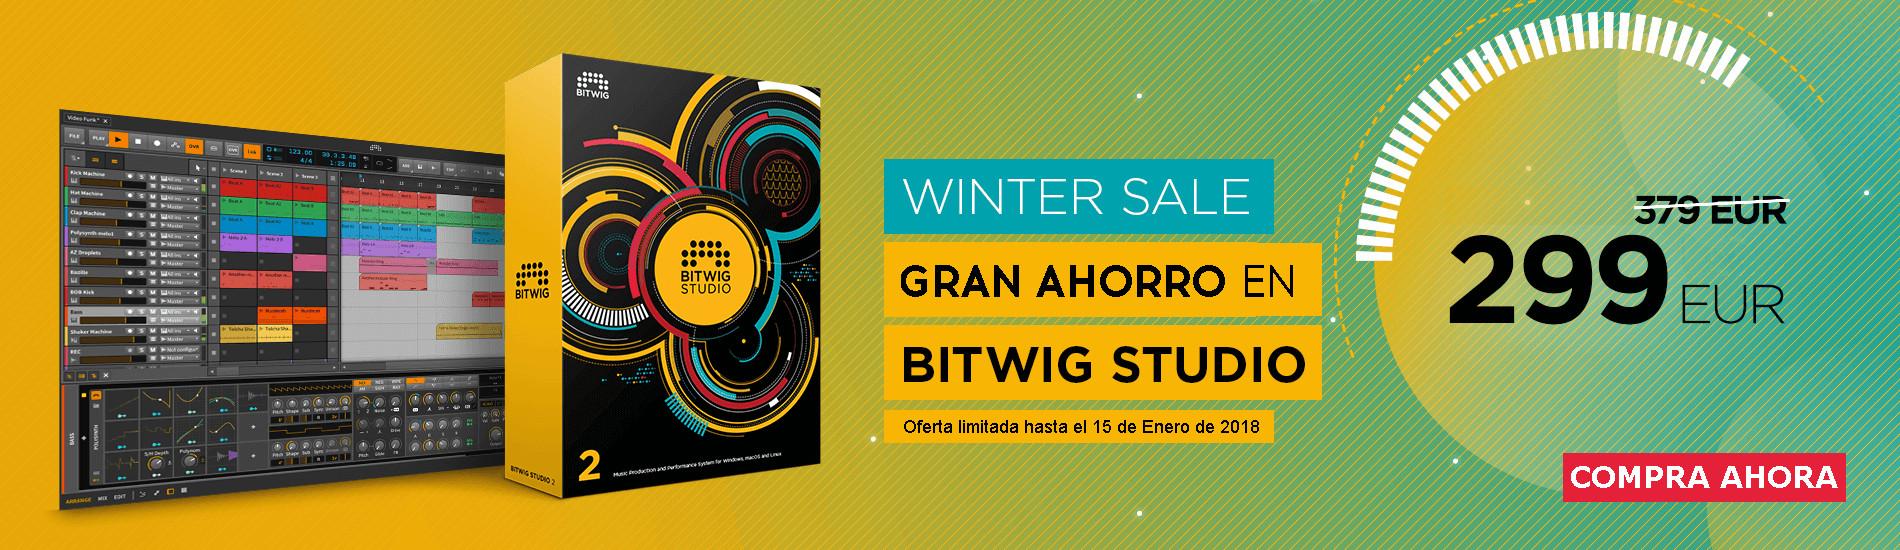 bitwig_winter_sale_banner_1900x550.jpg